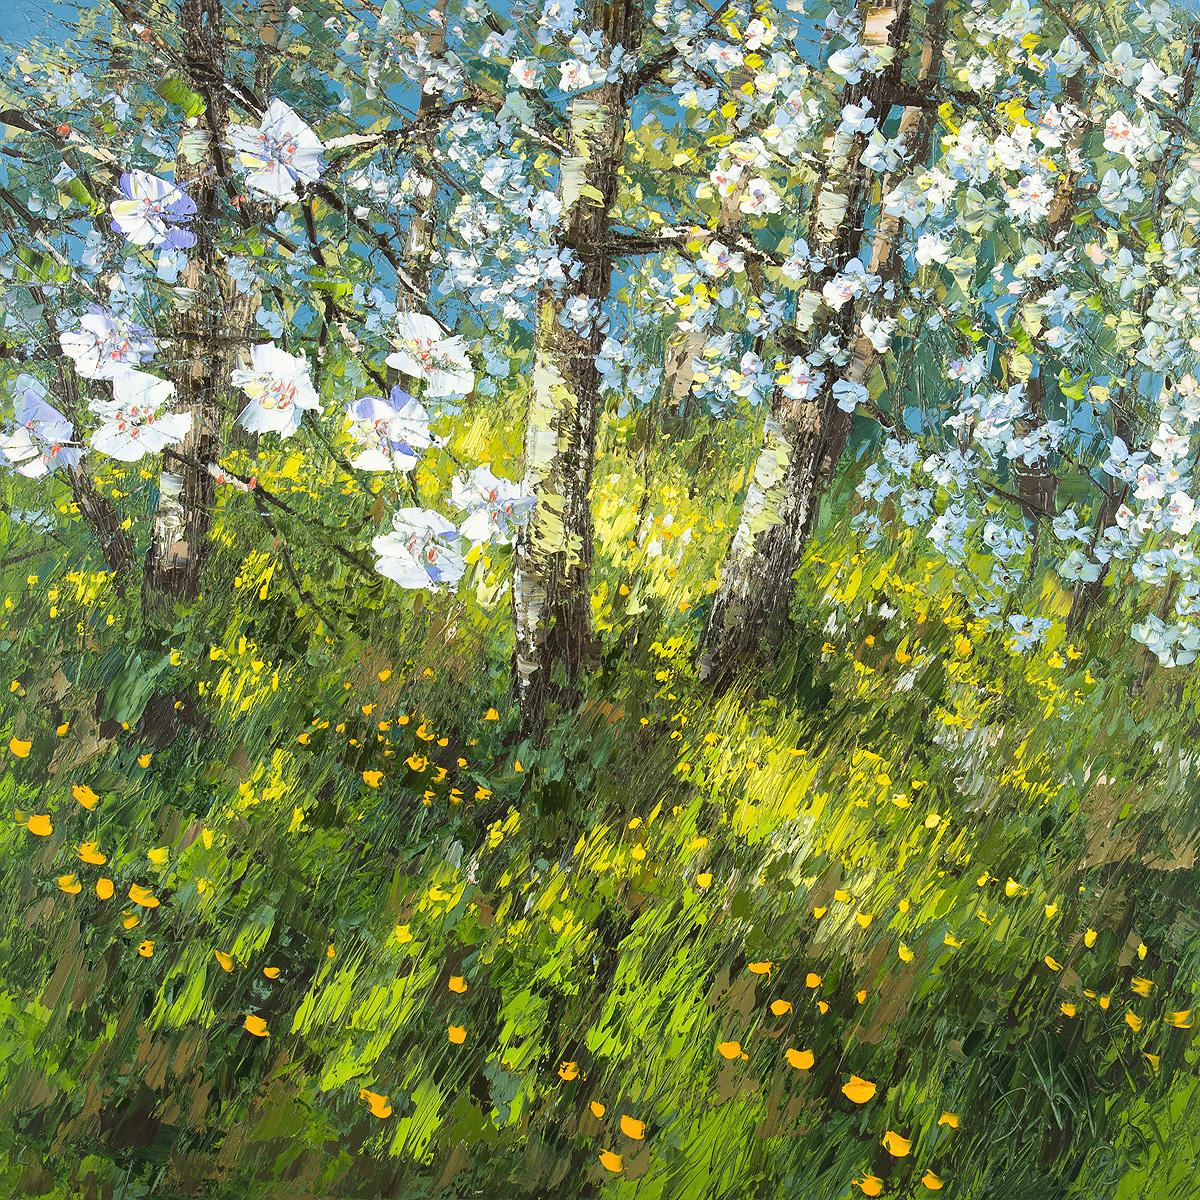 Urban фреска (жикле) по картине Дмитрия Кустановича «Майский сад»